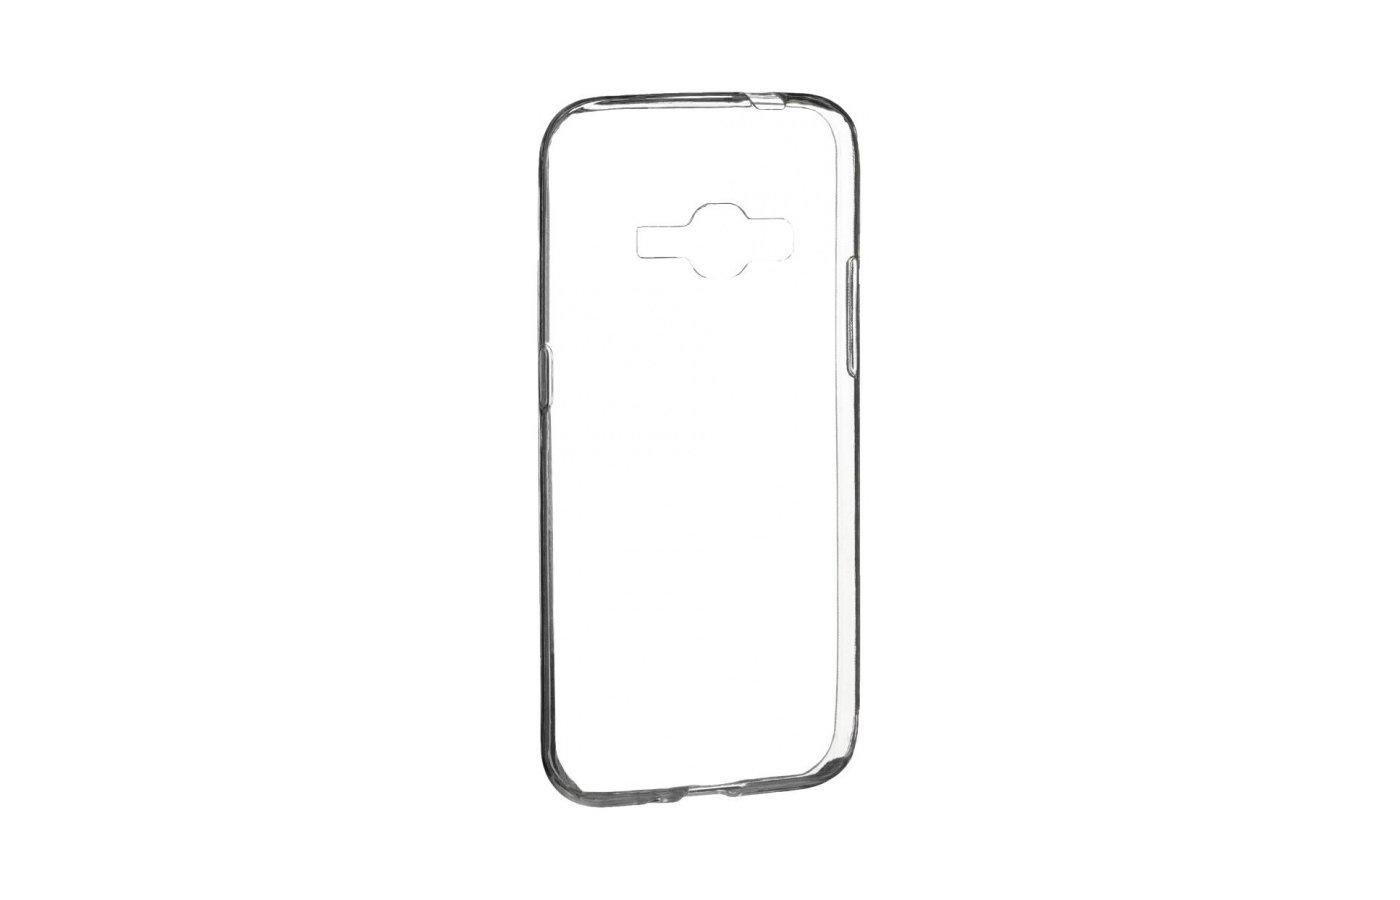 Чехол iBox Crystal для Samsung Galaxy J1 (2016) SM-J120 прозрачный